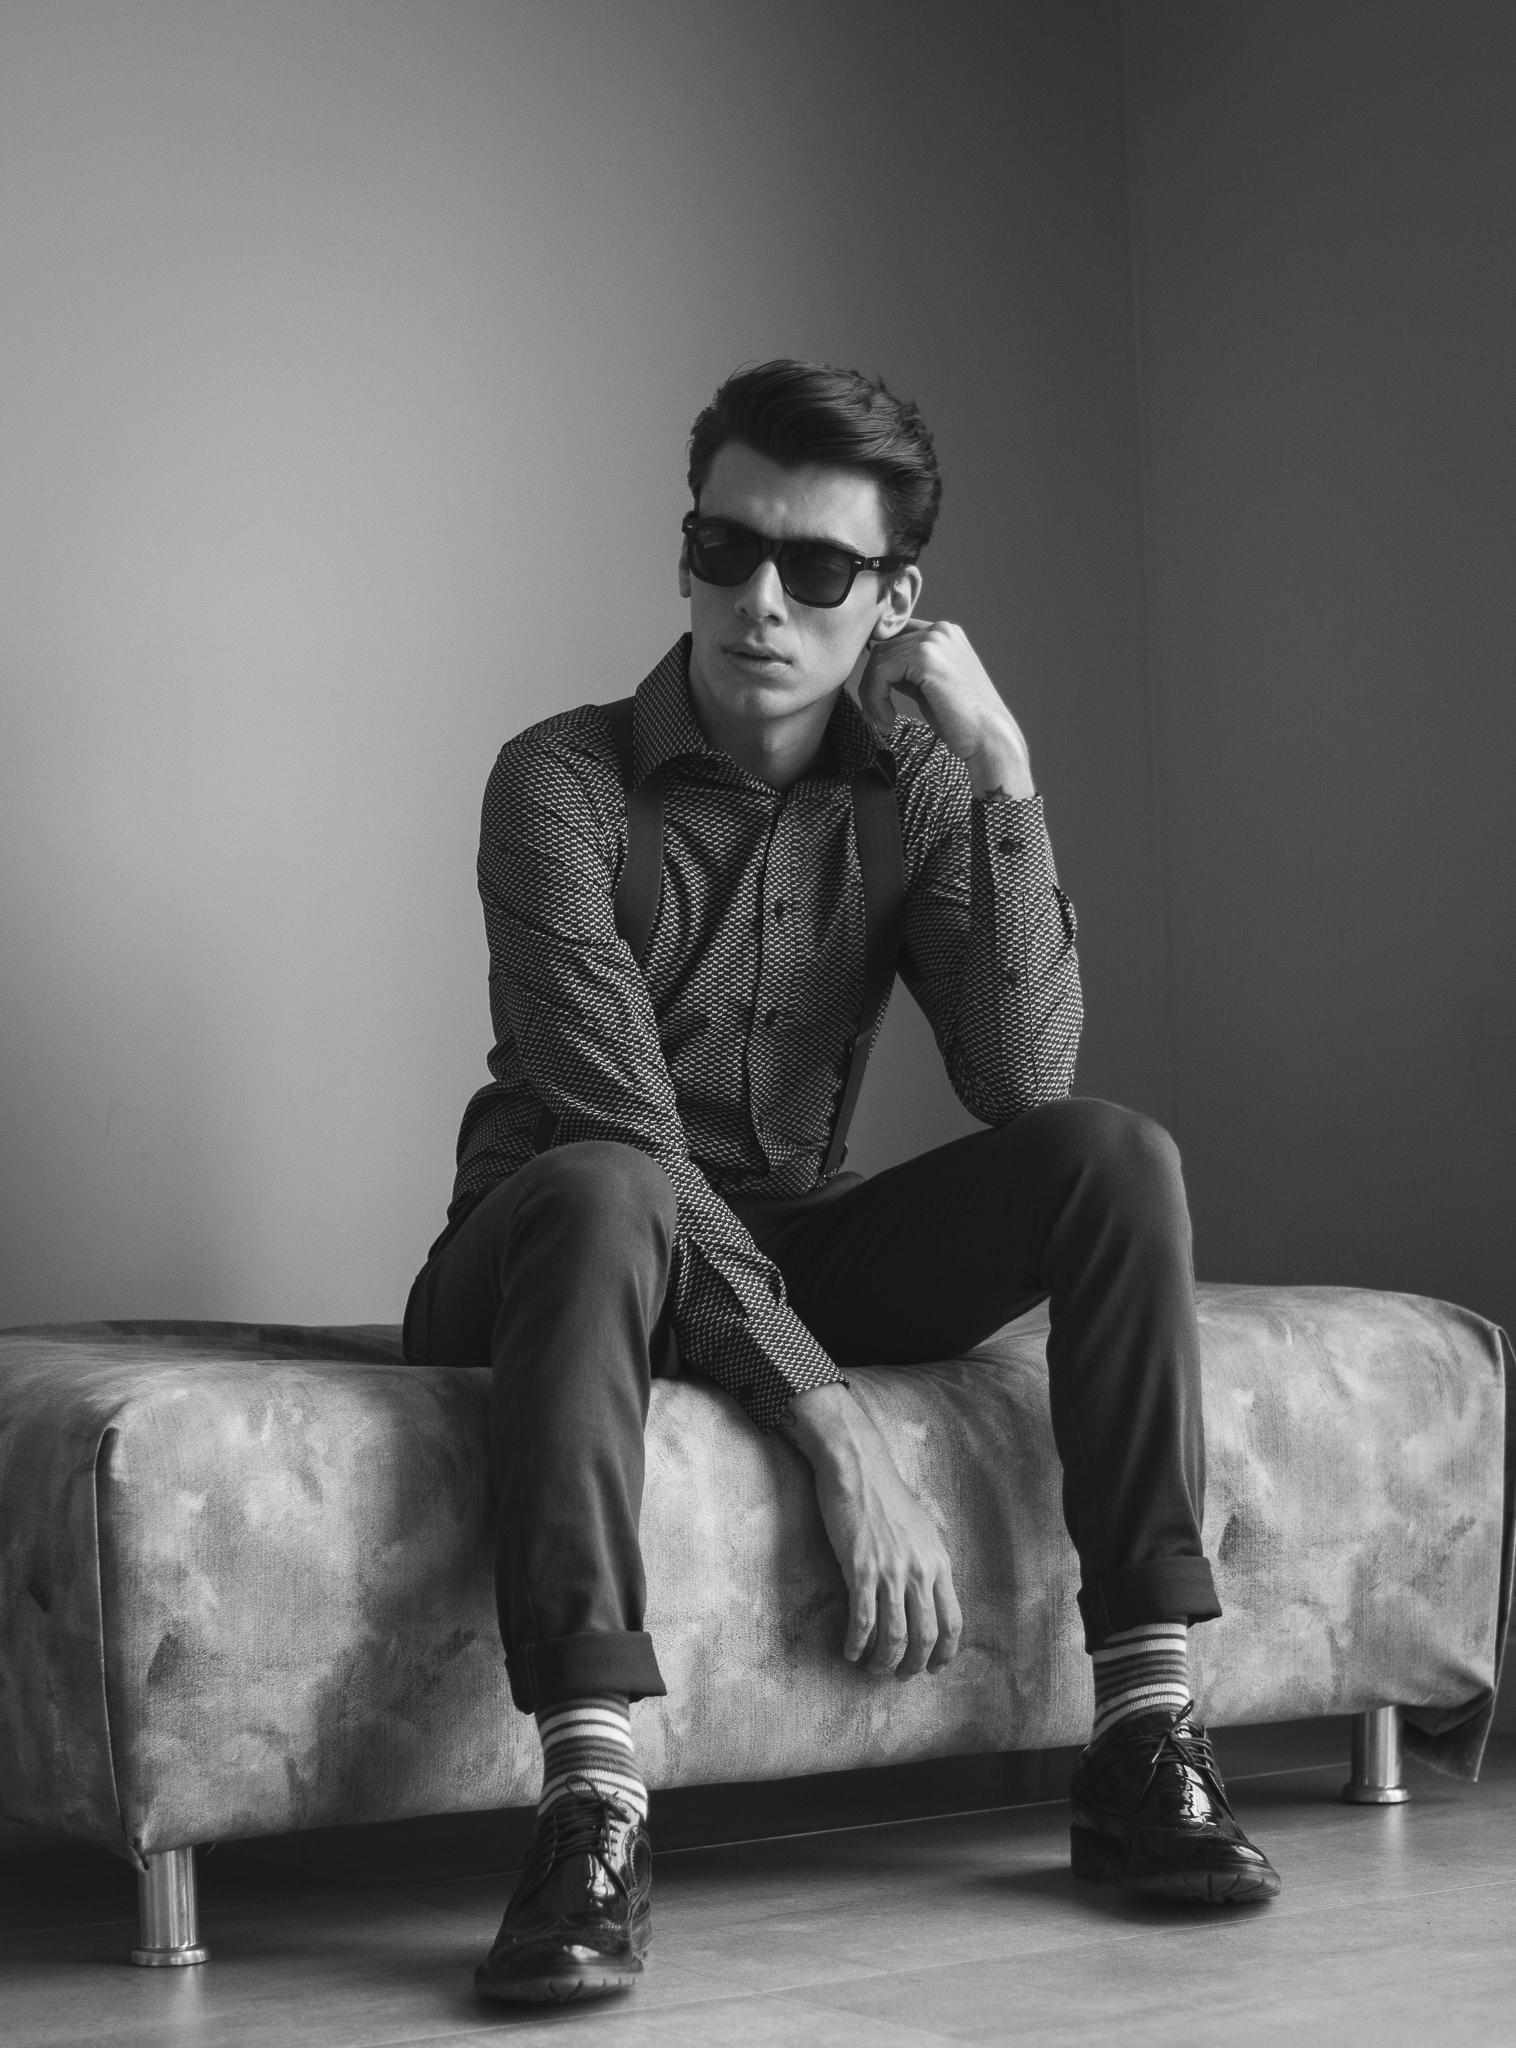 alex-cursino-youtuber-blogger-fashion-blogger-ootd-moda-classica-suspensorio-masculino-como-usar-suspensorio-rafaella-santiago-matheus-komatsu-editorial-de-moda-menswear-dicas-de-moda-2